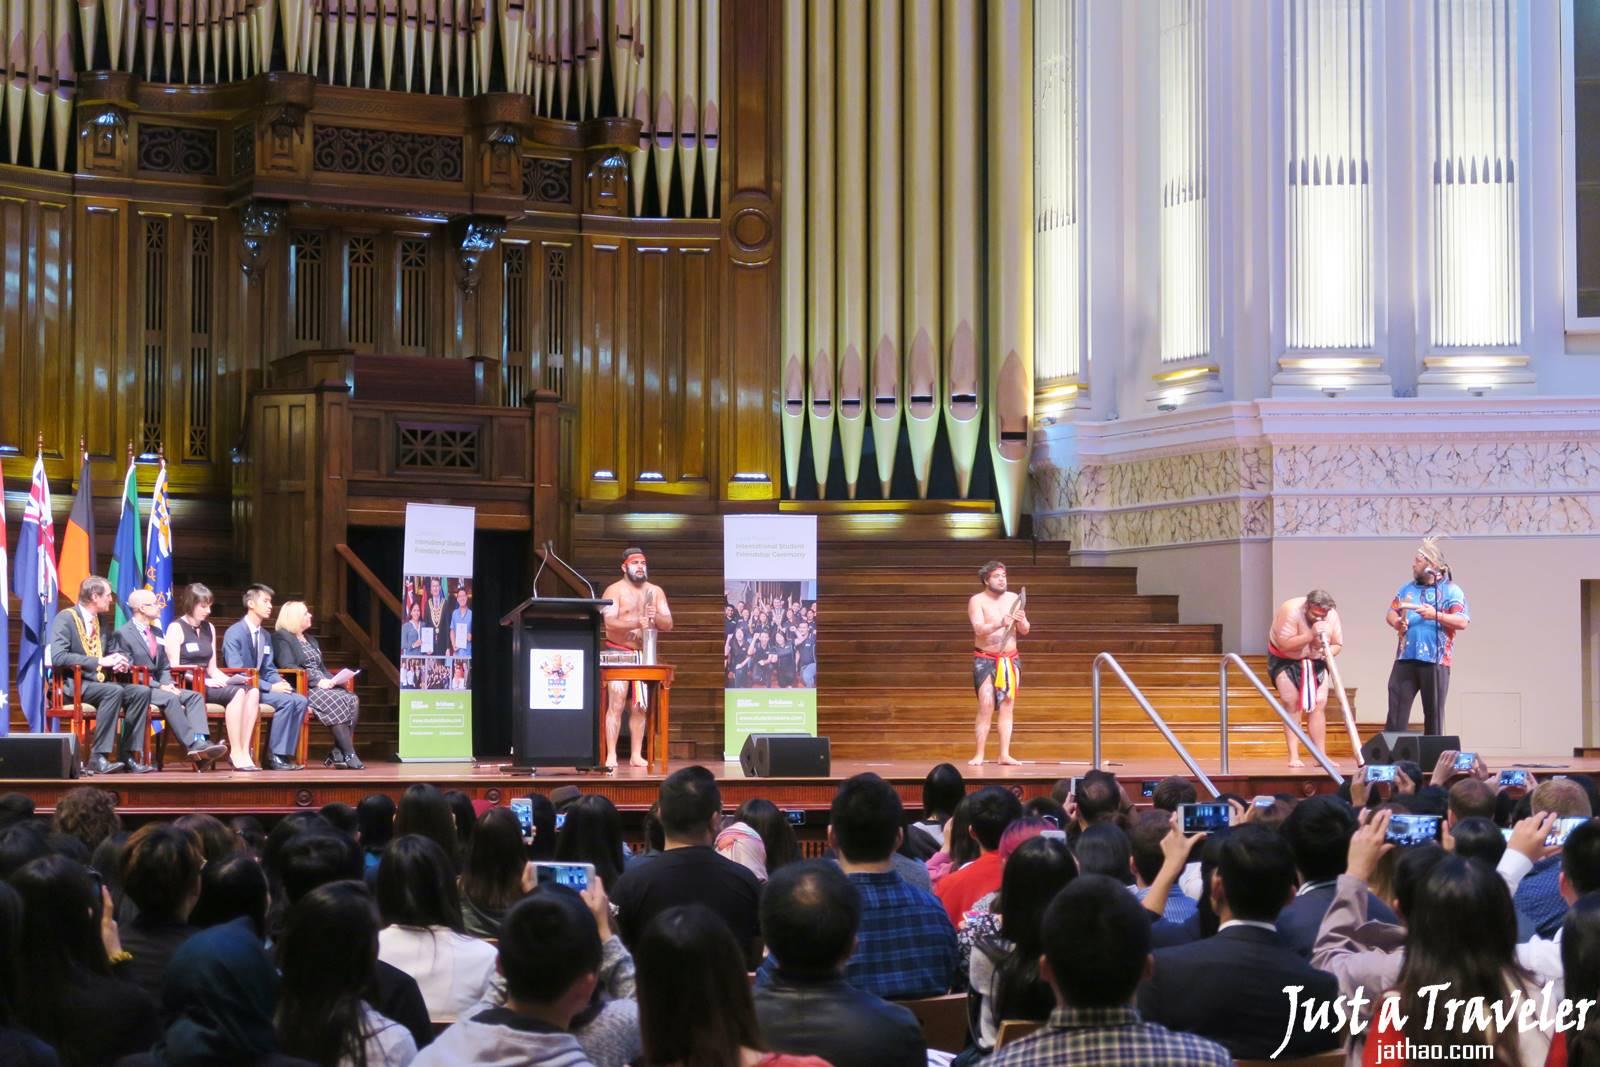 布里斯本-市區-景點-布里斯本市政廳-遊記-行程-介紹-Brisbane City Hall-布里斯班